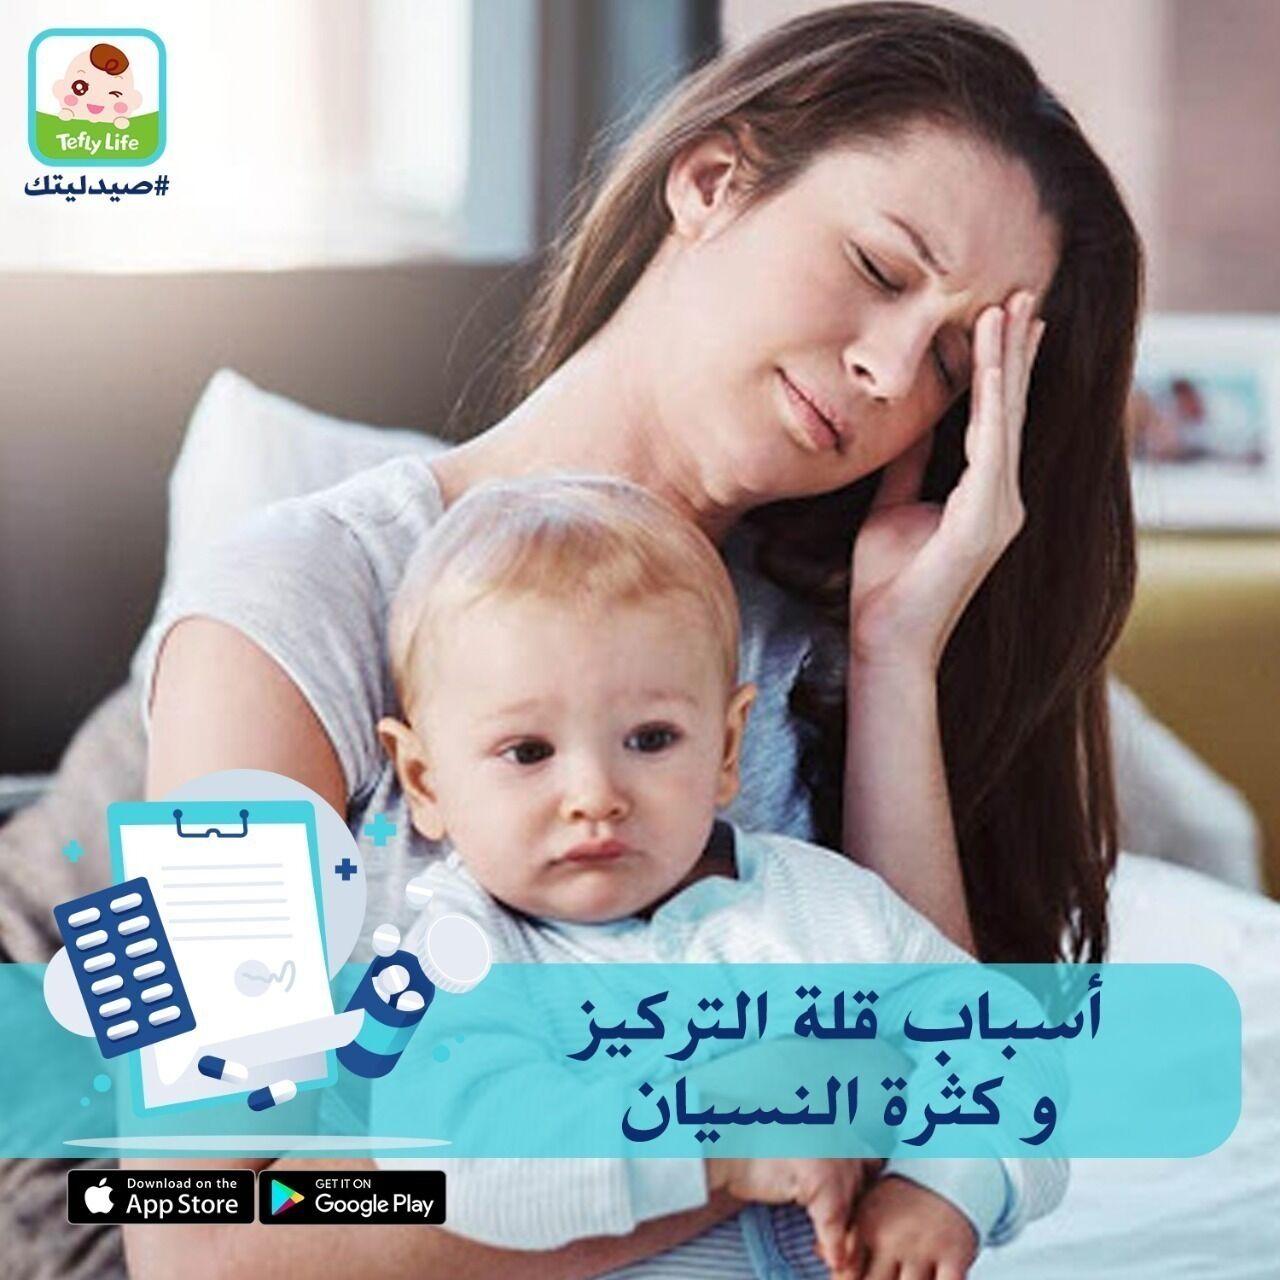 هل يمكن أن تعانى من فقدان ذاكرة مؤقت أثناء الحمل ؟؟!